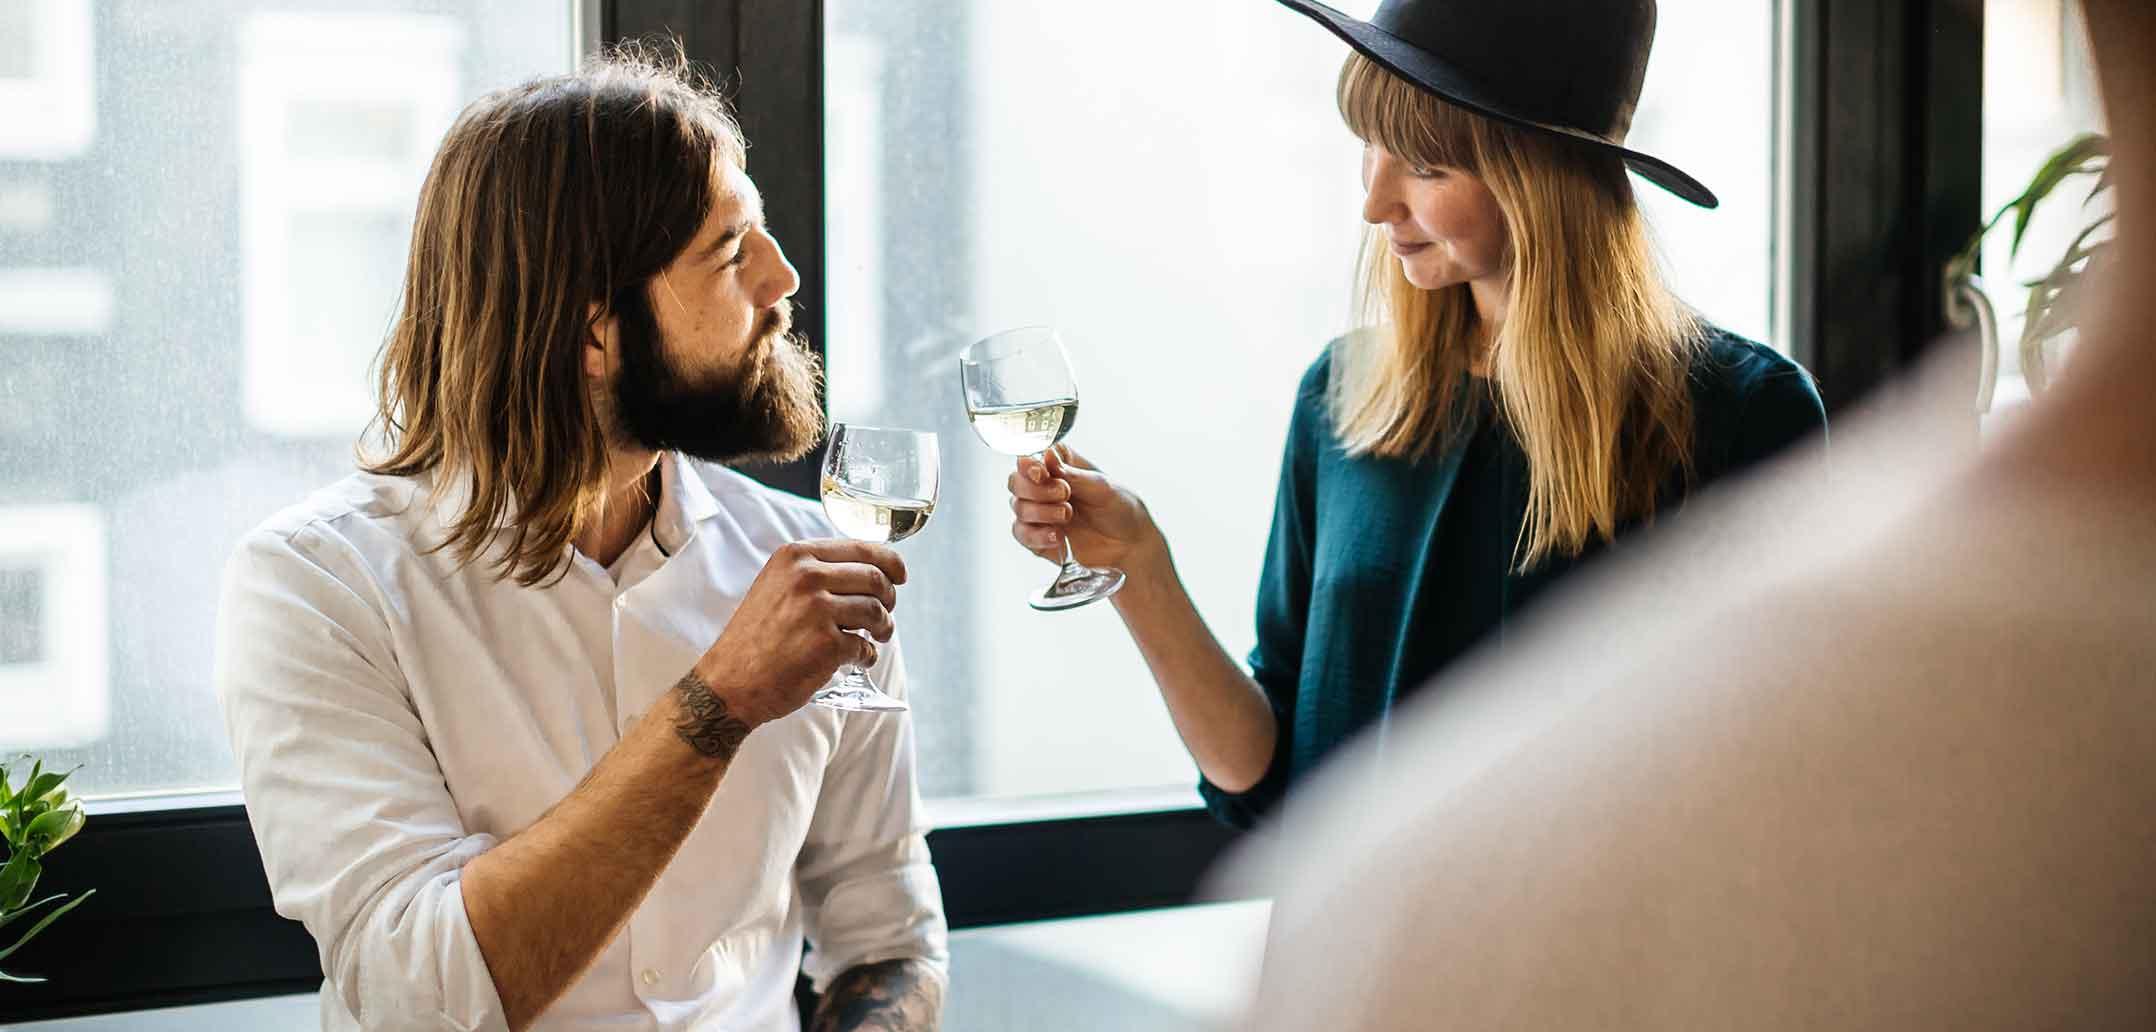 Frauen verführen - Diese 8 Fehler begehen die meisten